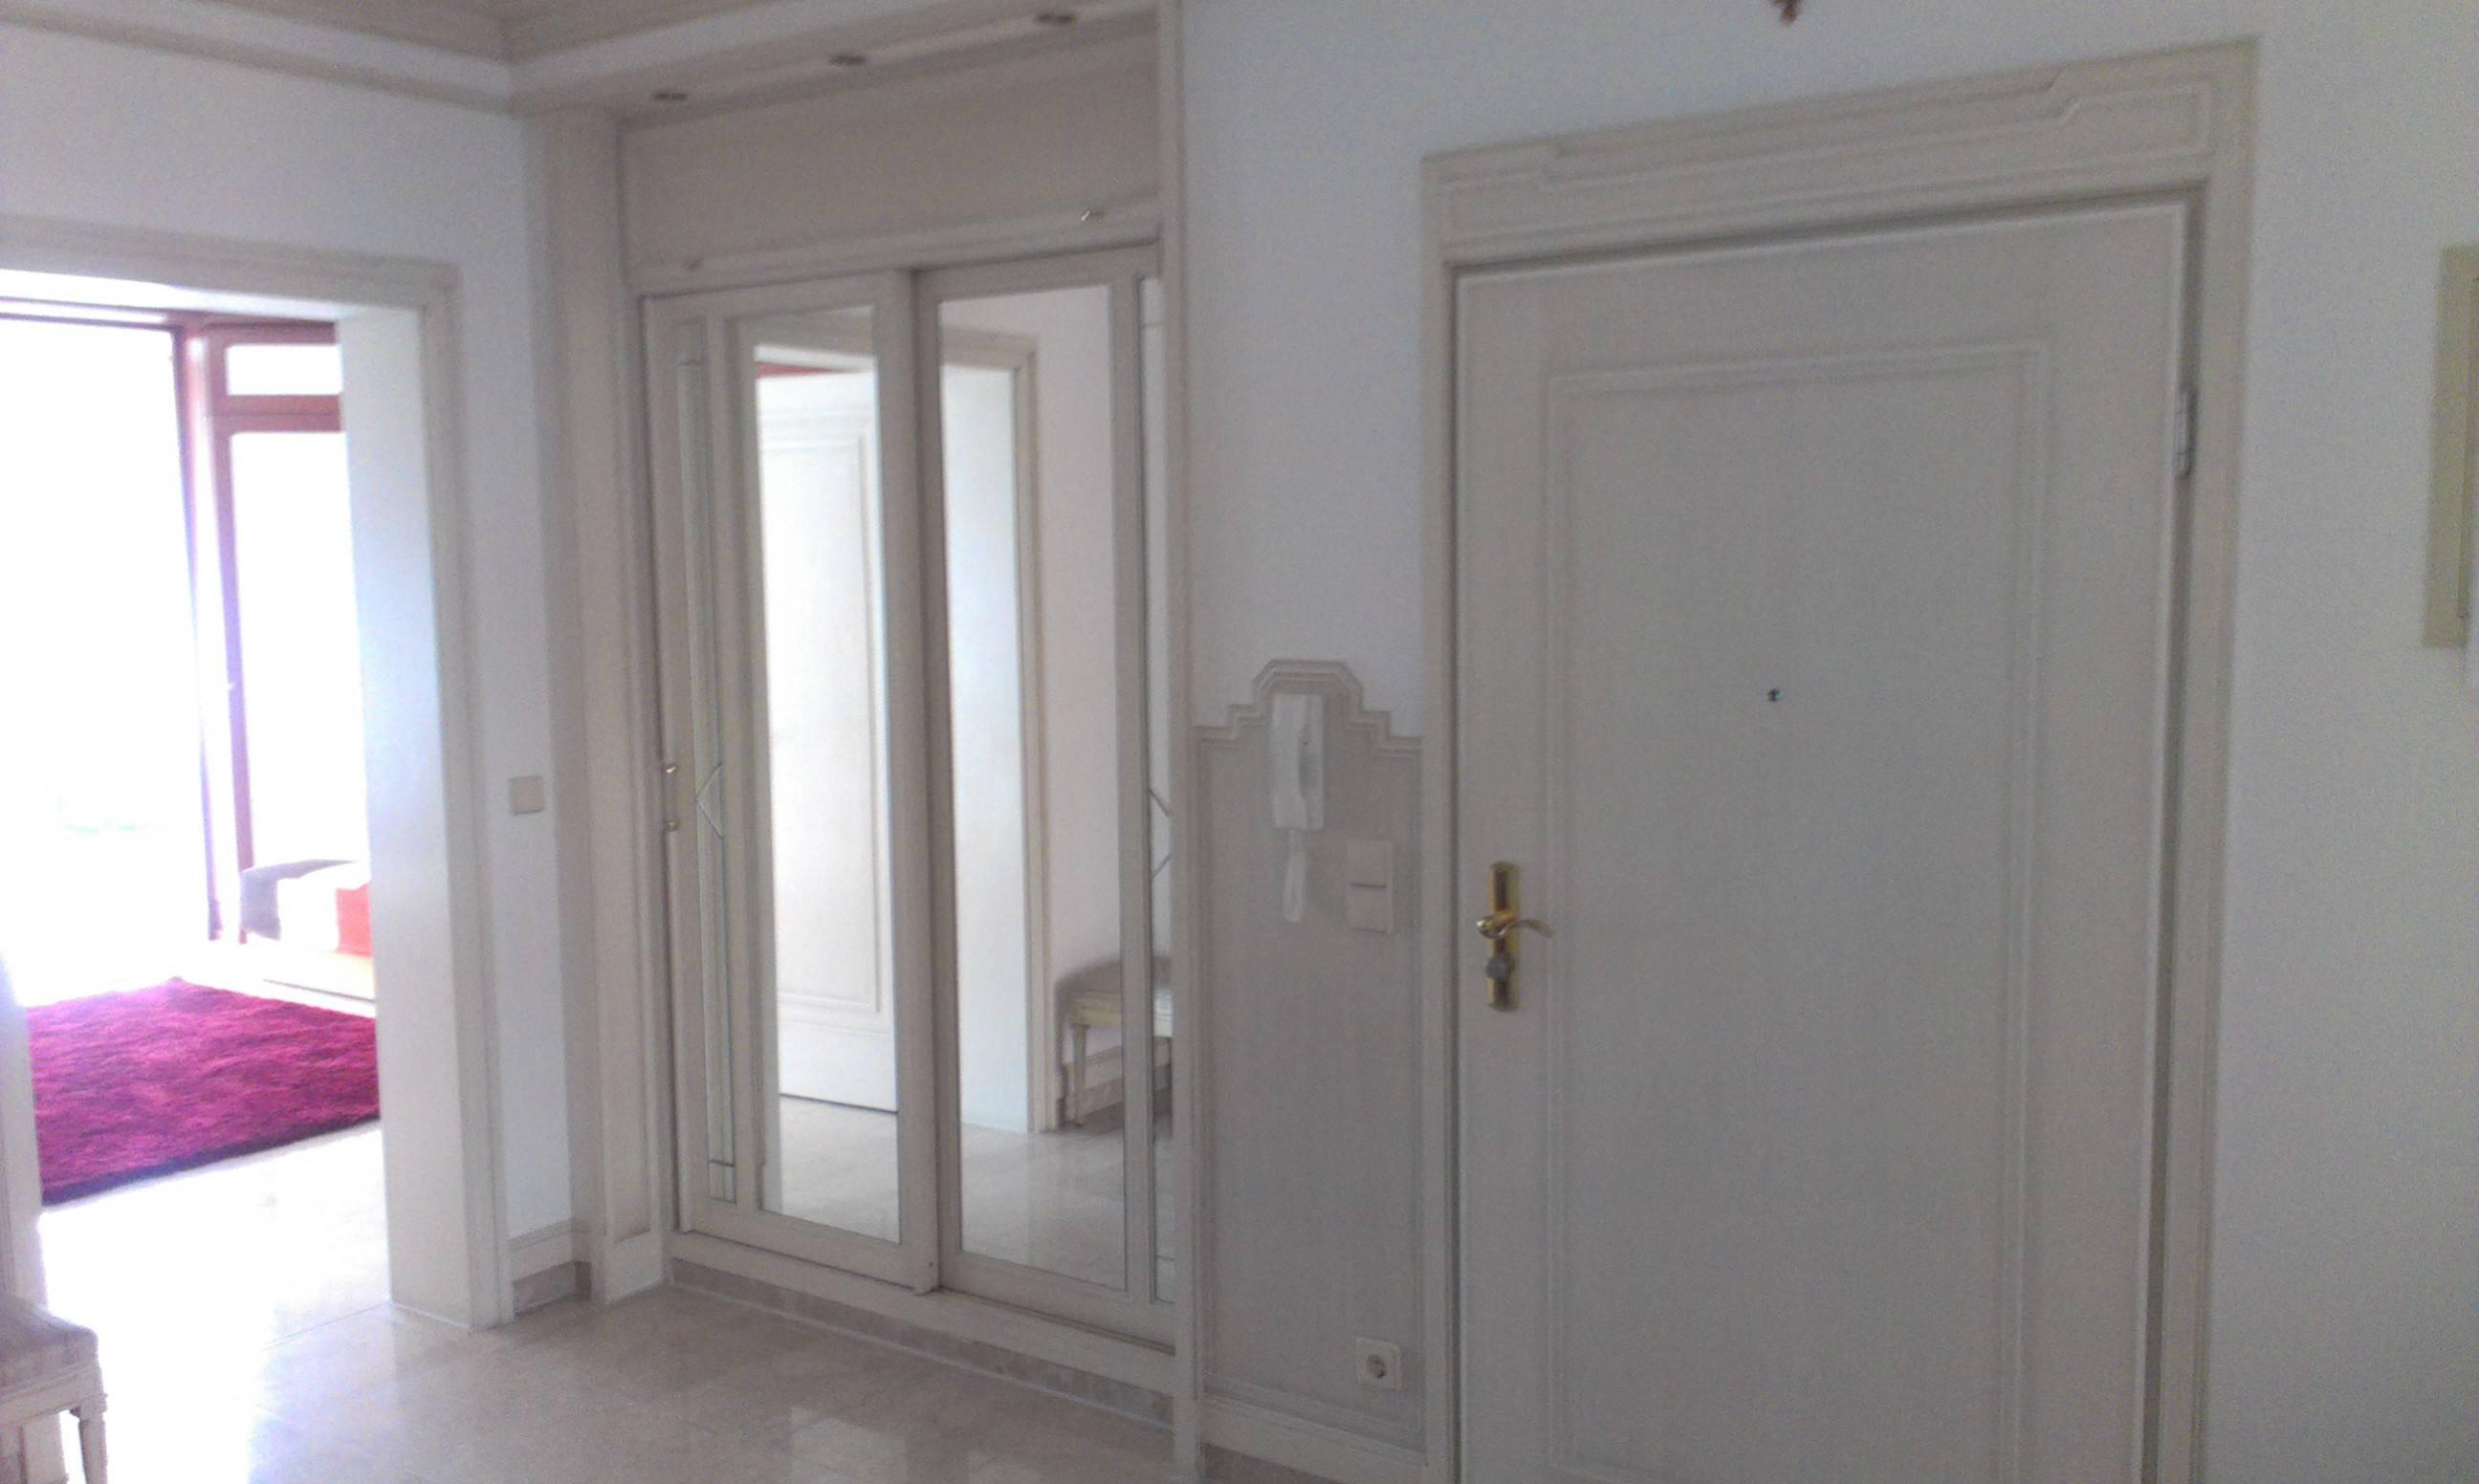 Фото №6 квартиры в Аугсбург за 650.000 евро евро